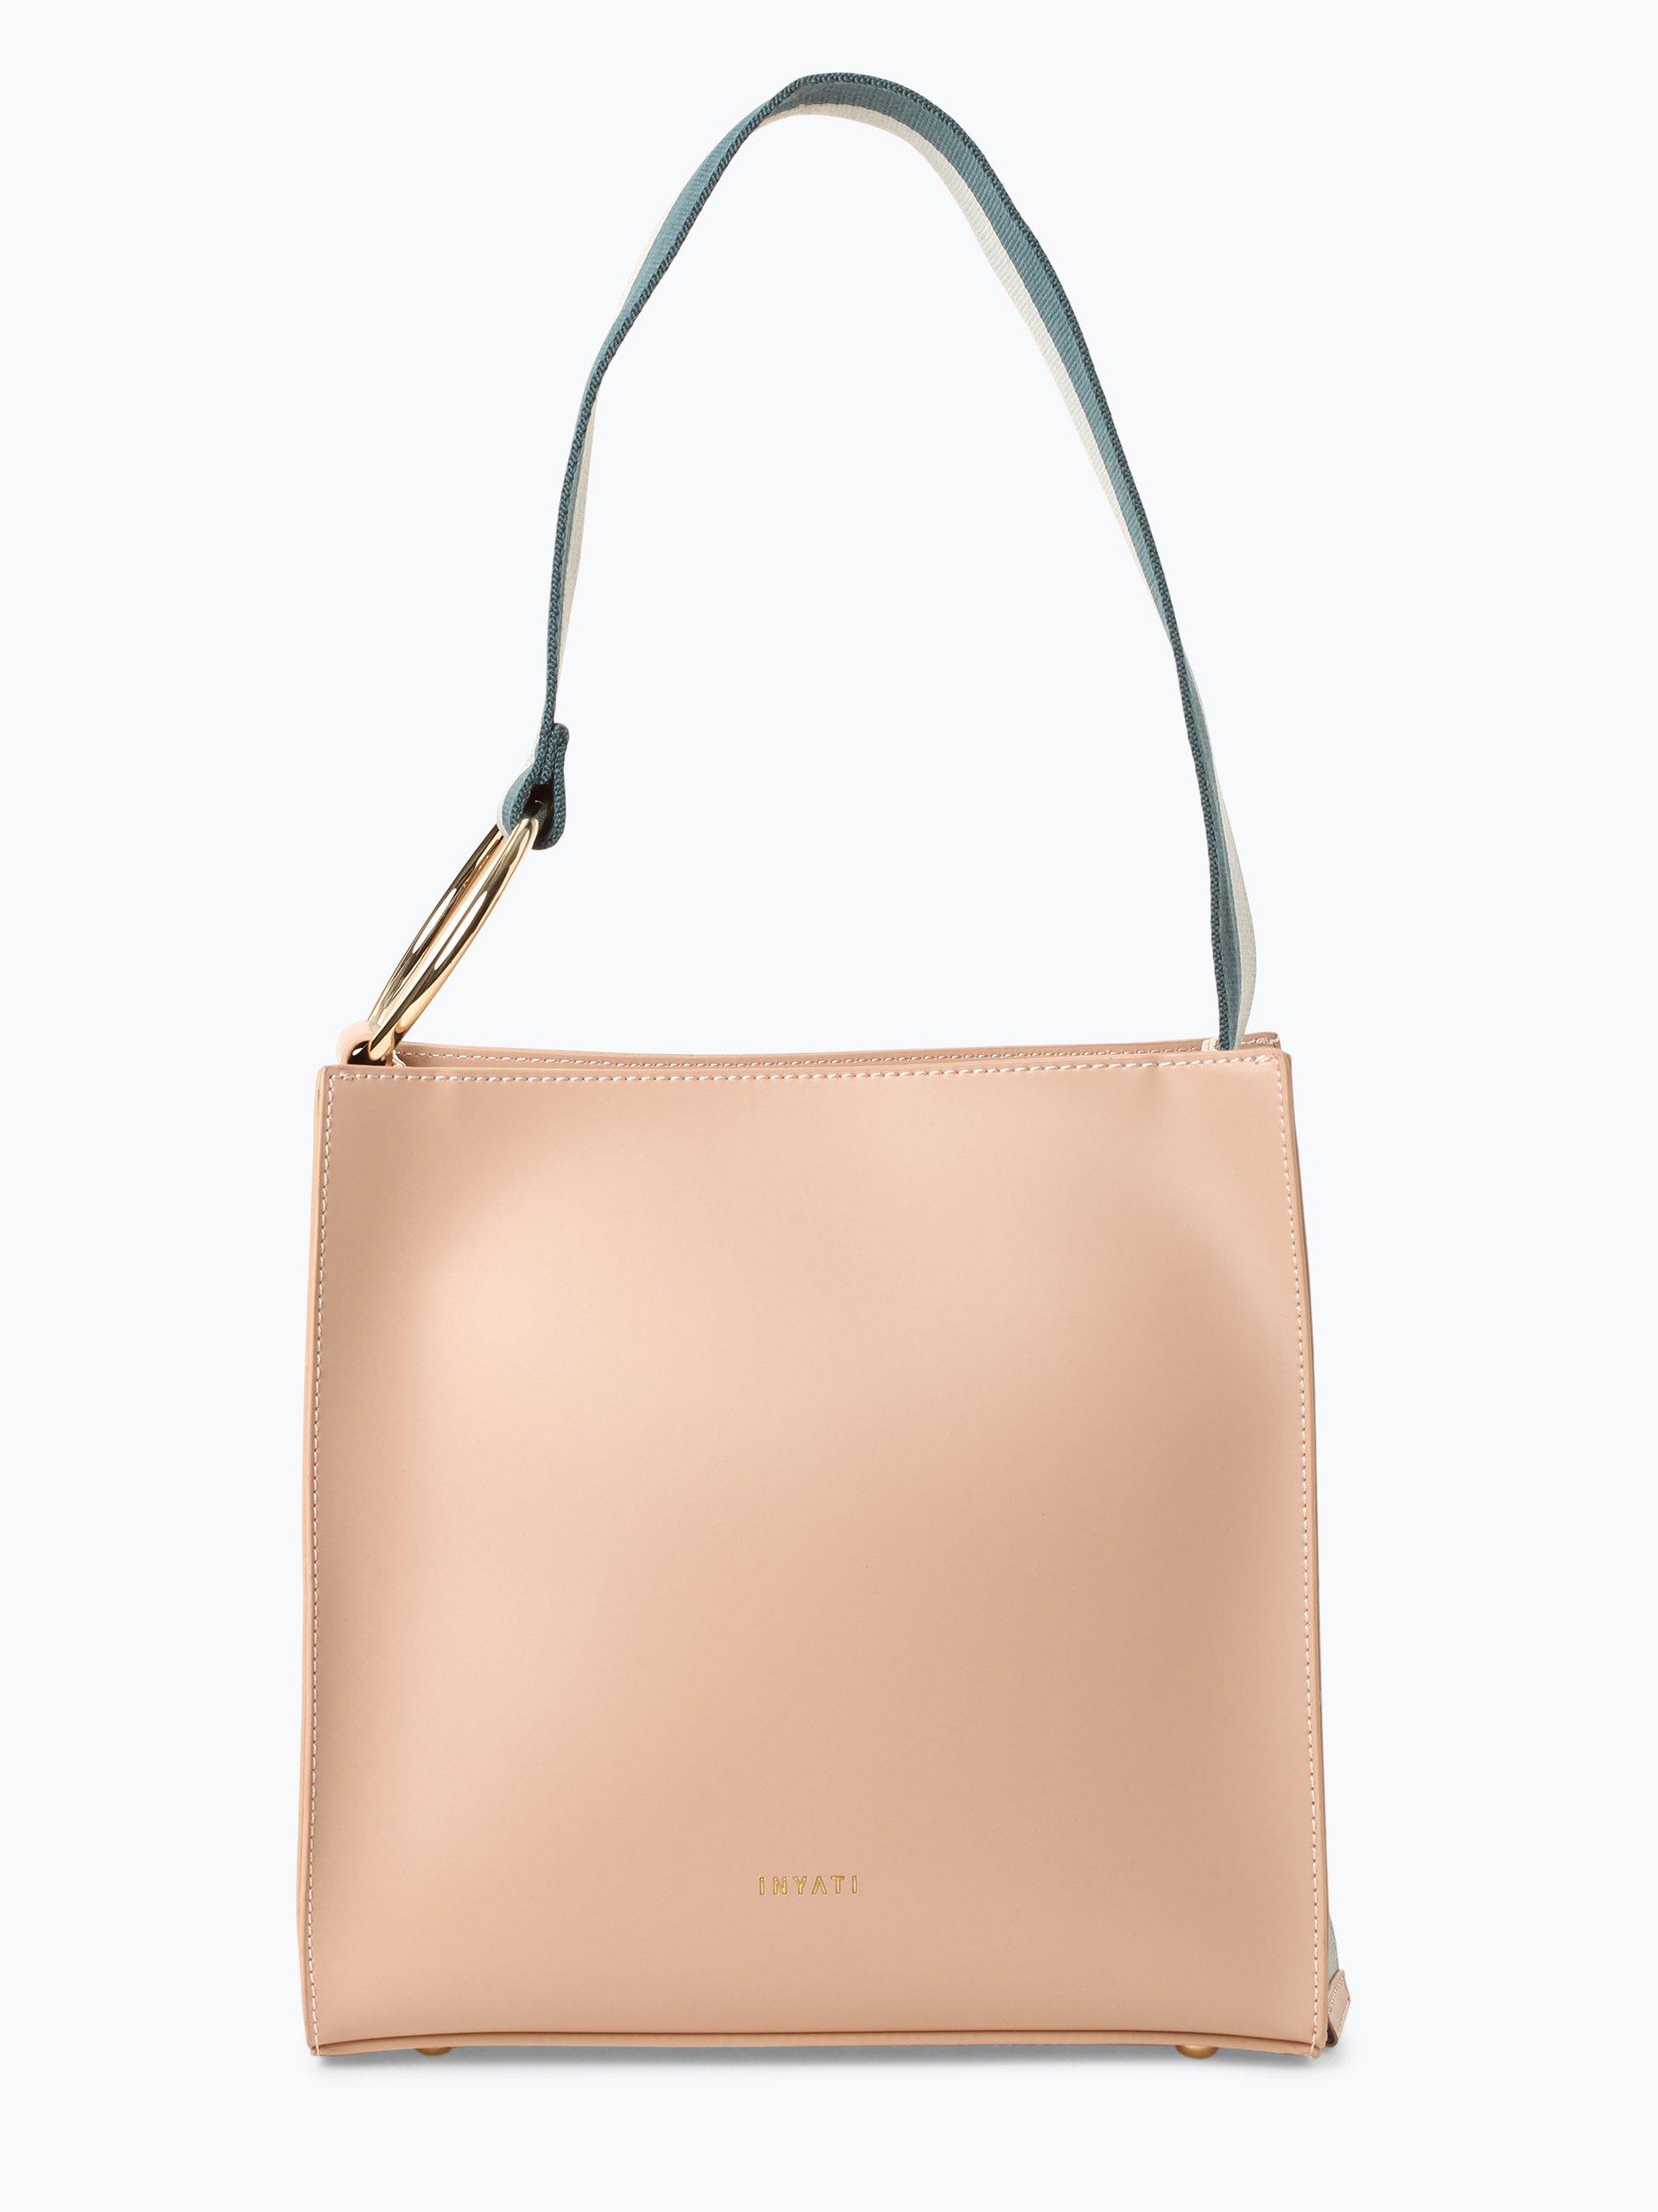 Inyati Damska torebka na ramię z wewnętrzną torebką